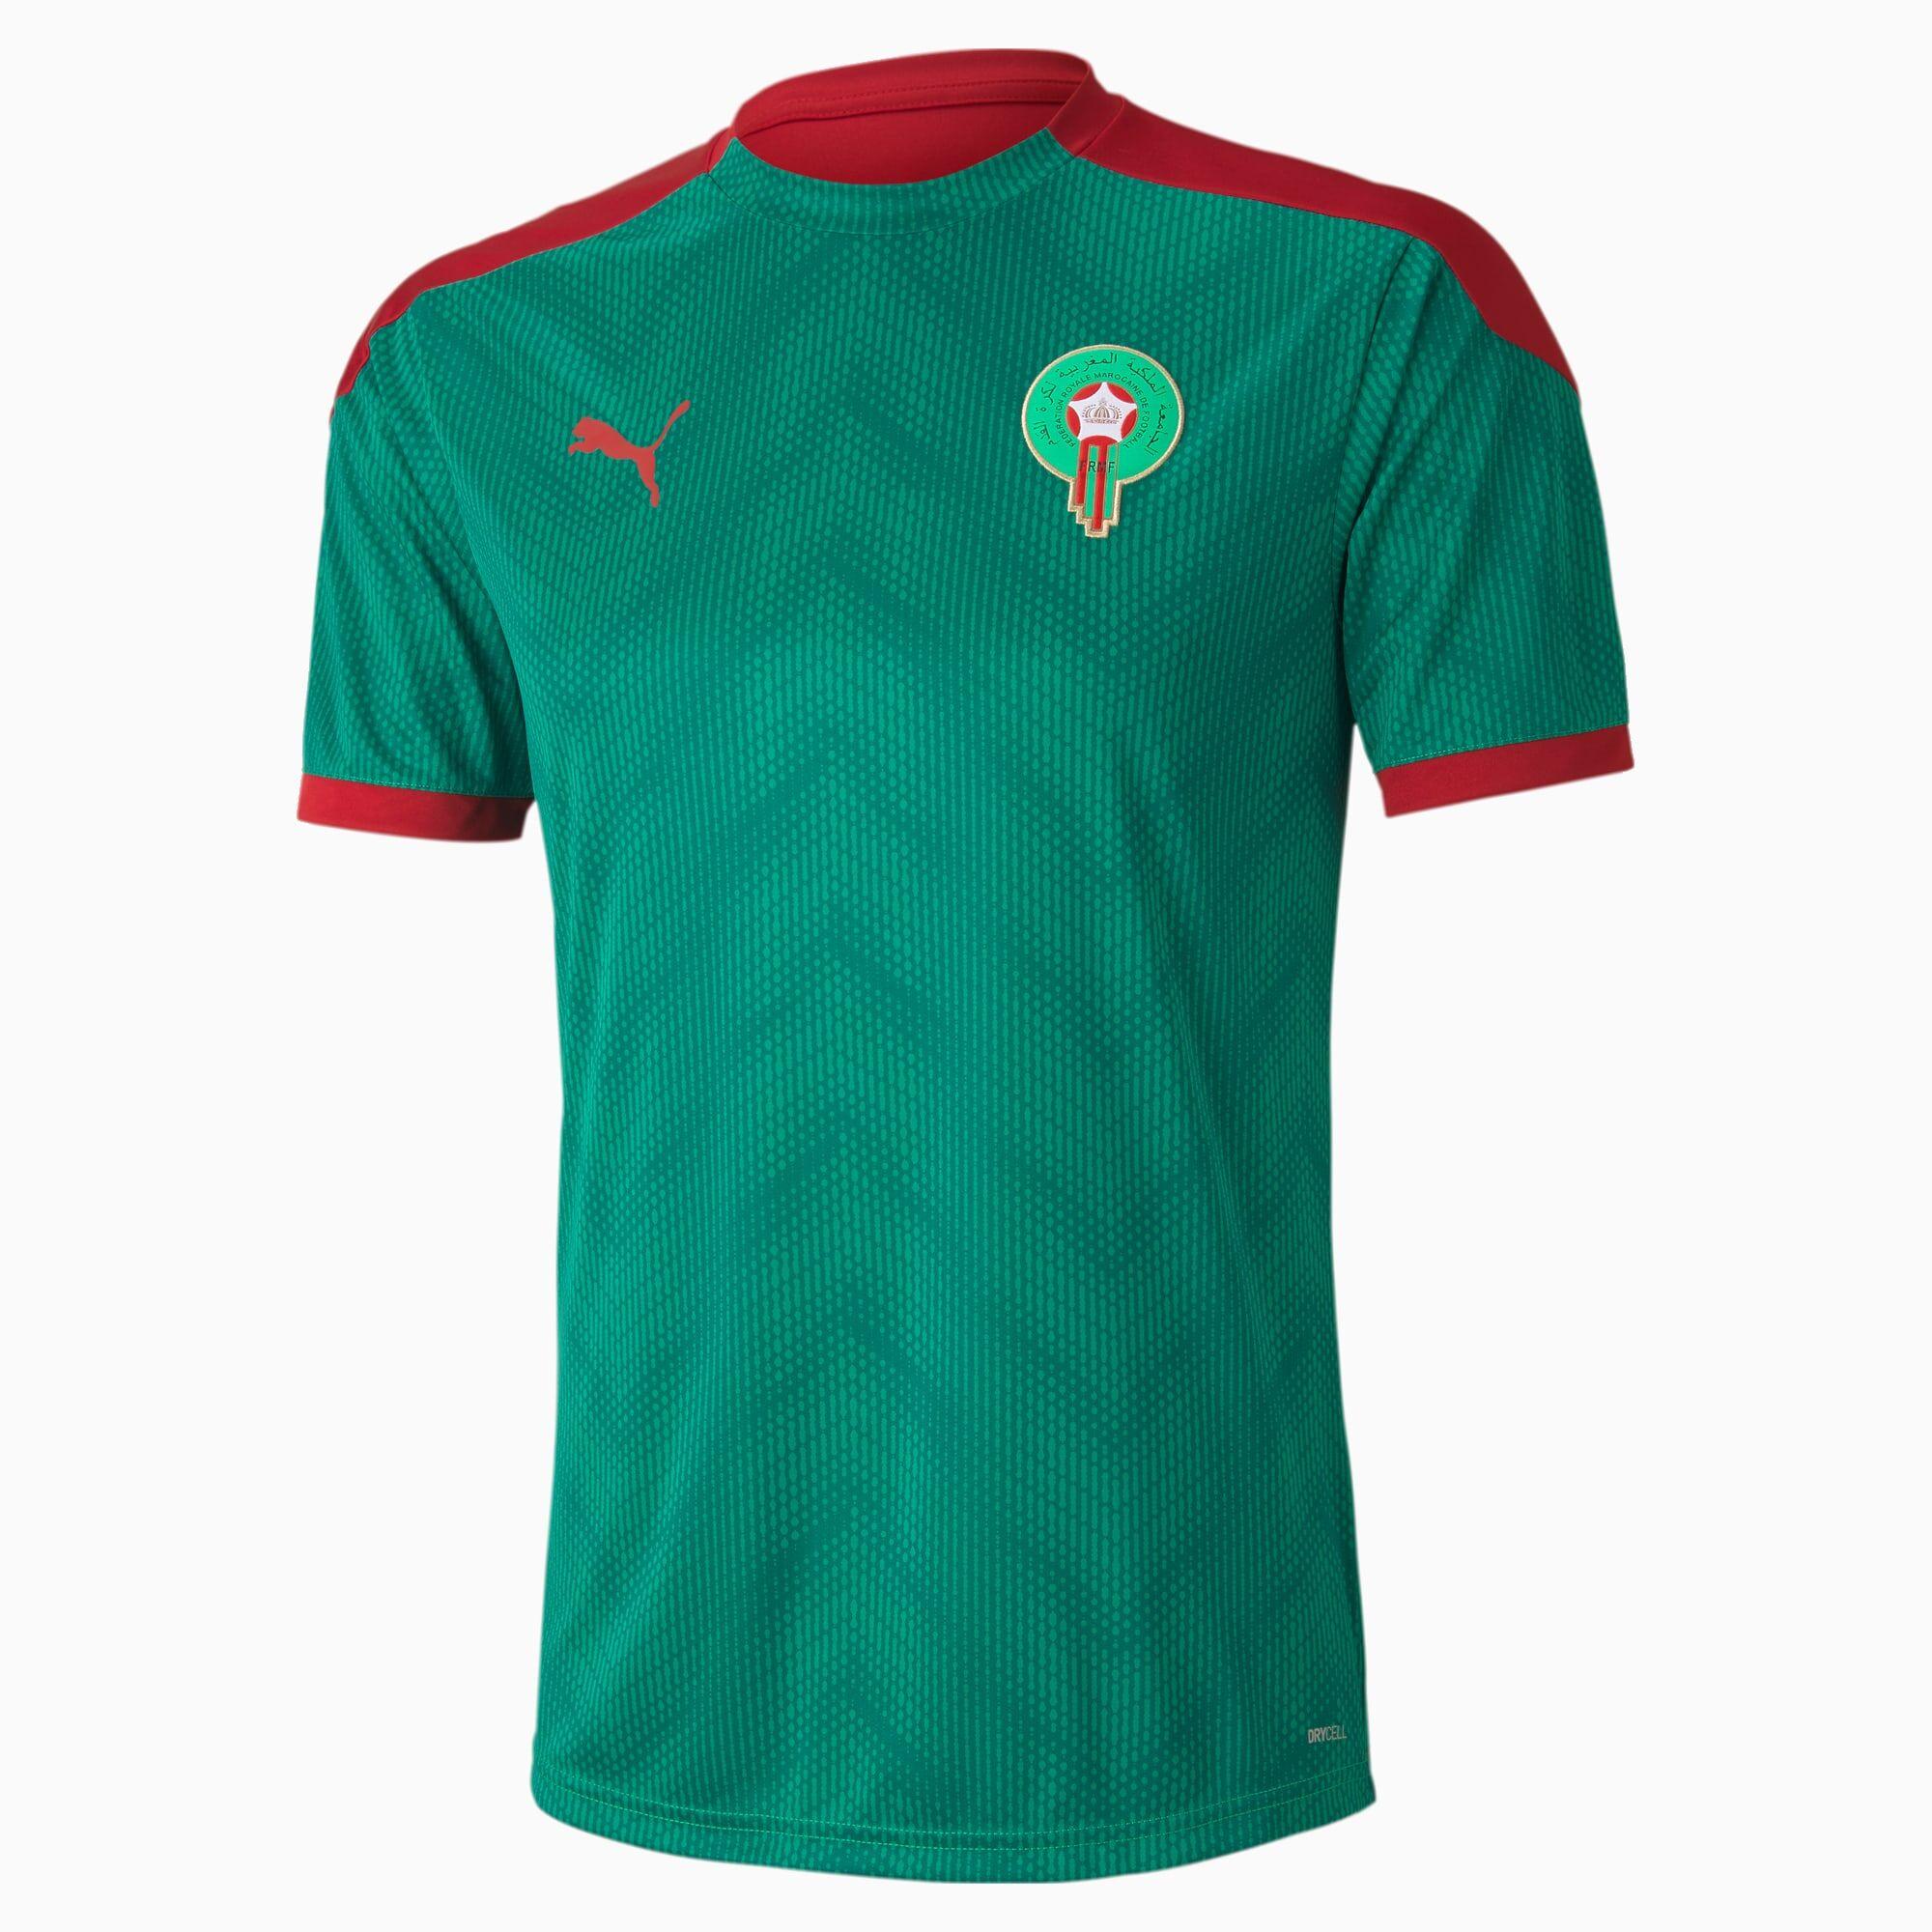 PUMA Maillot Stadium Maroc pour Homme, Vert/Rouge, Taille M, Vêtements